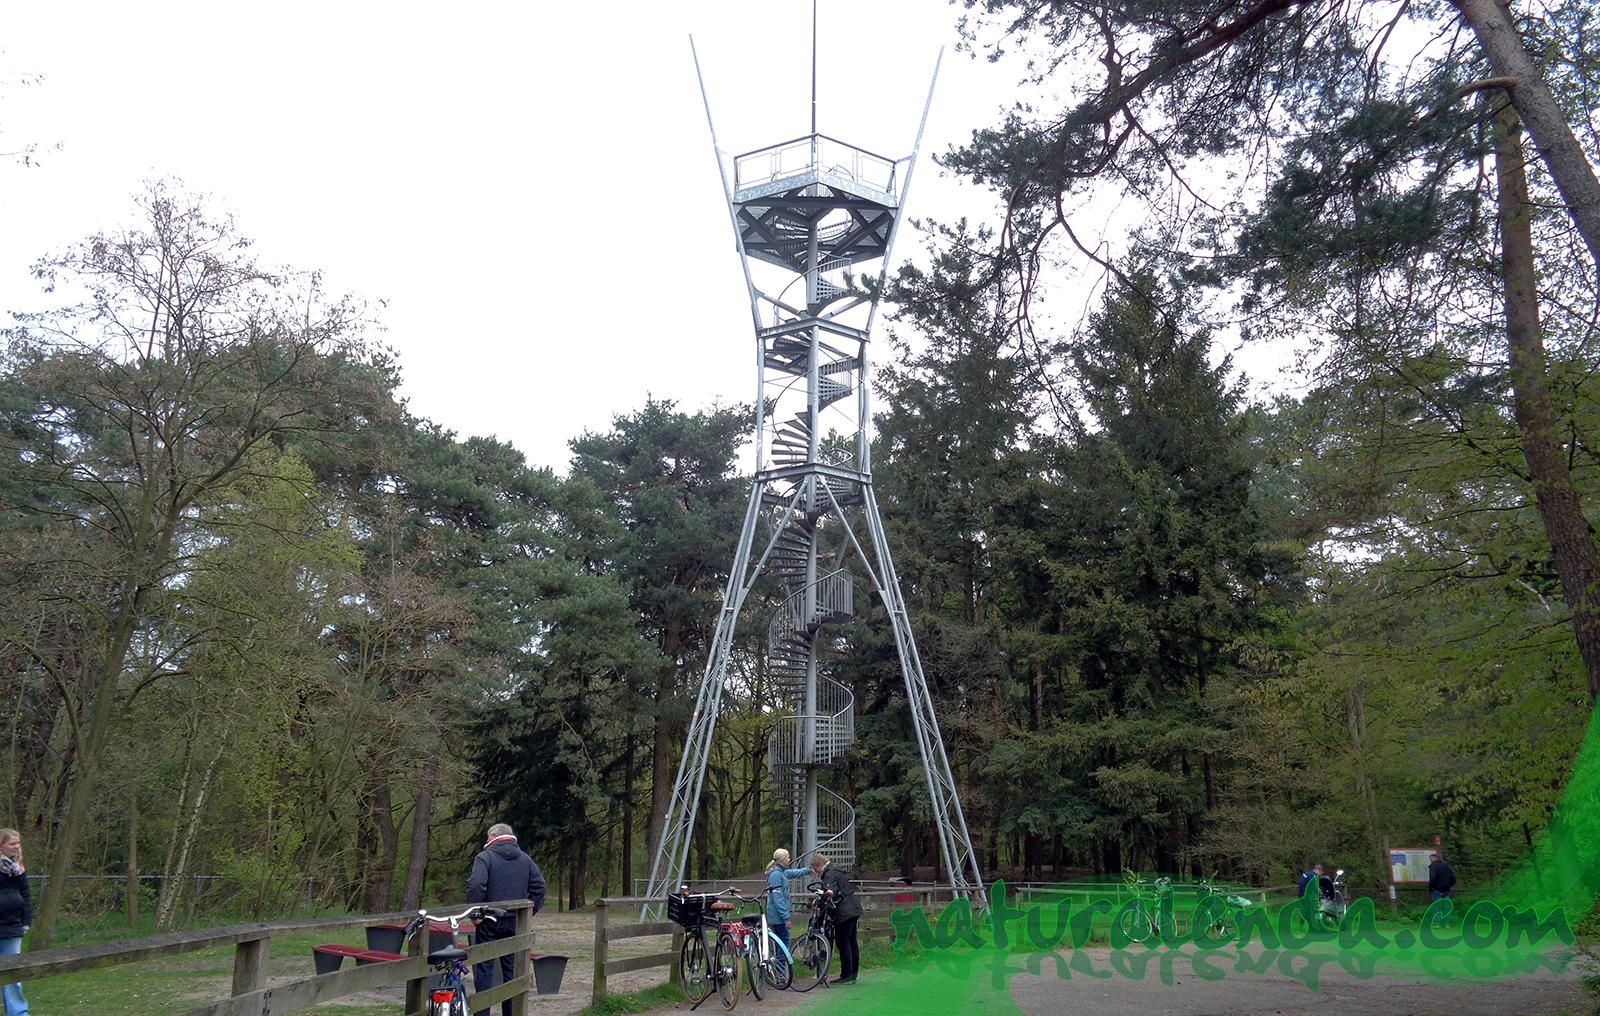 la torre de observacion